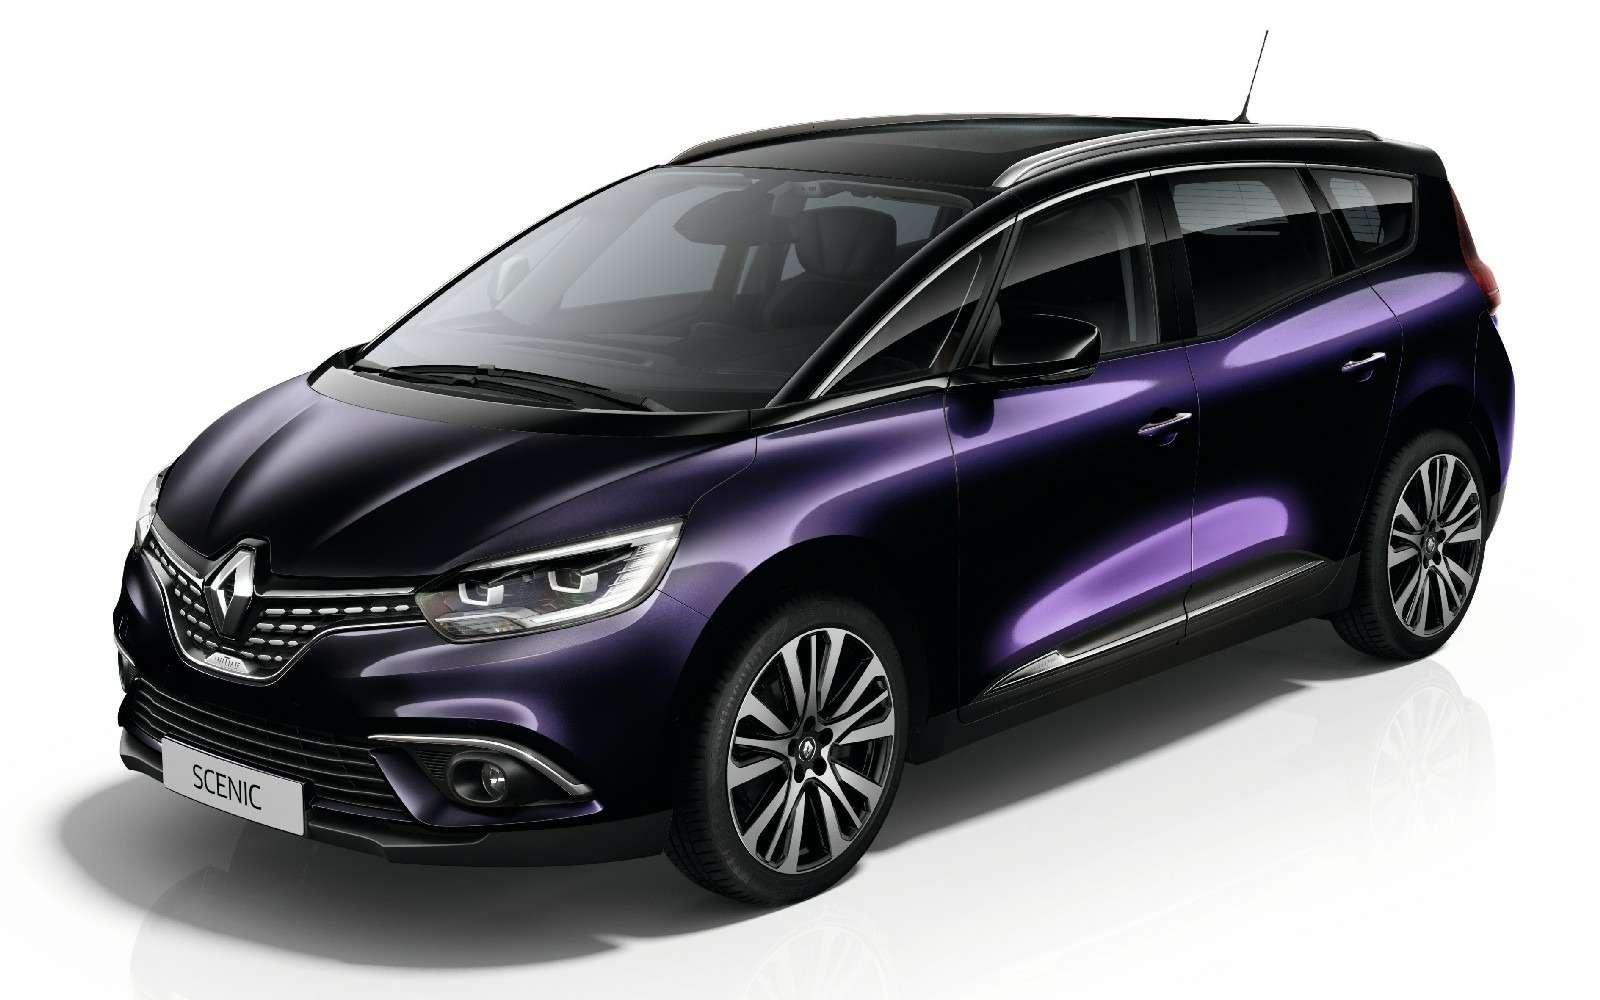 Парижский гламур: новый Renault Scenic стал еще красивее— фото 759170